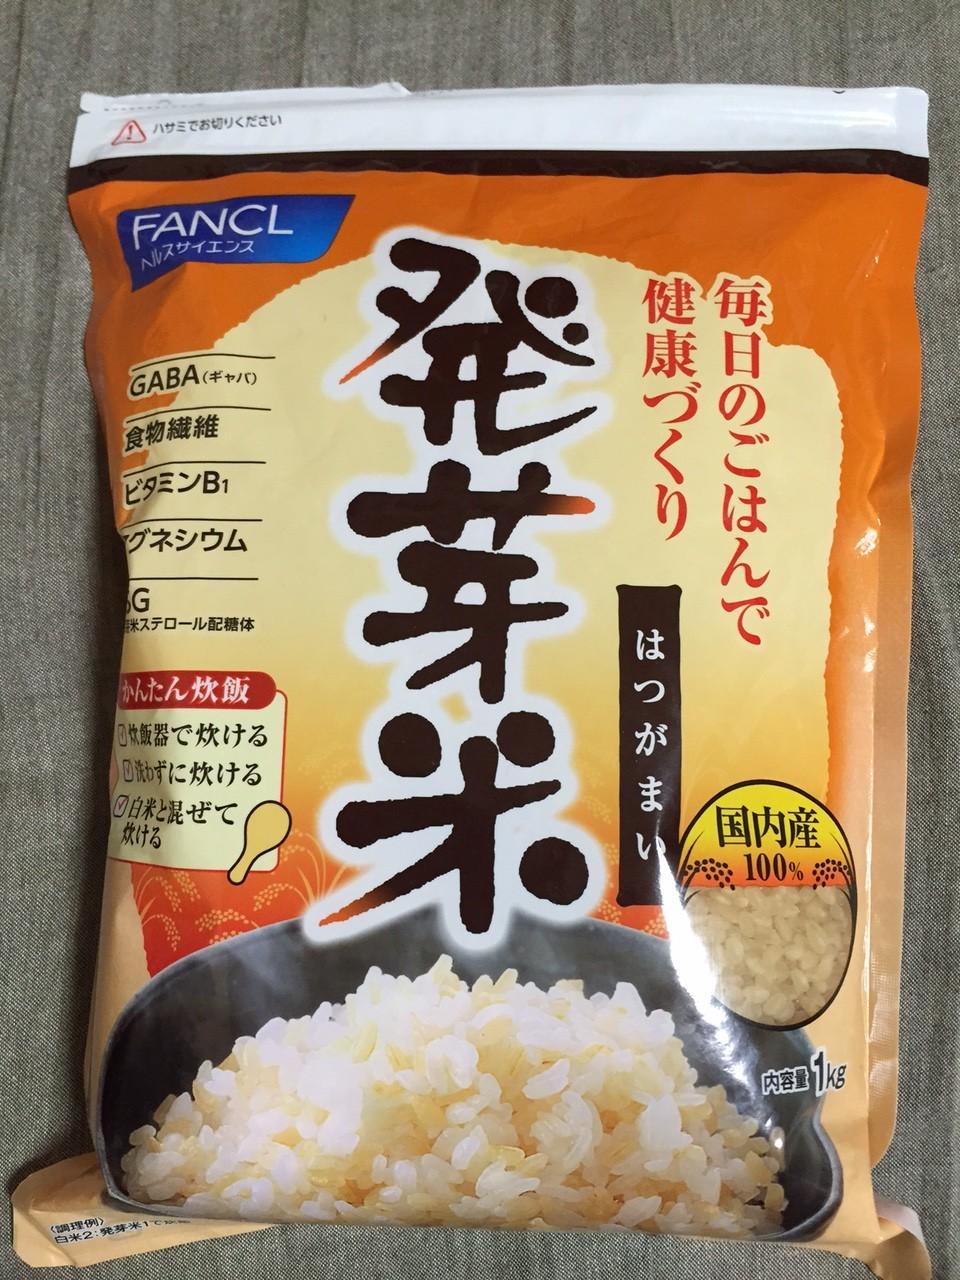 ファンケル 発芽米 商品画像